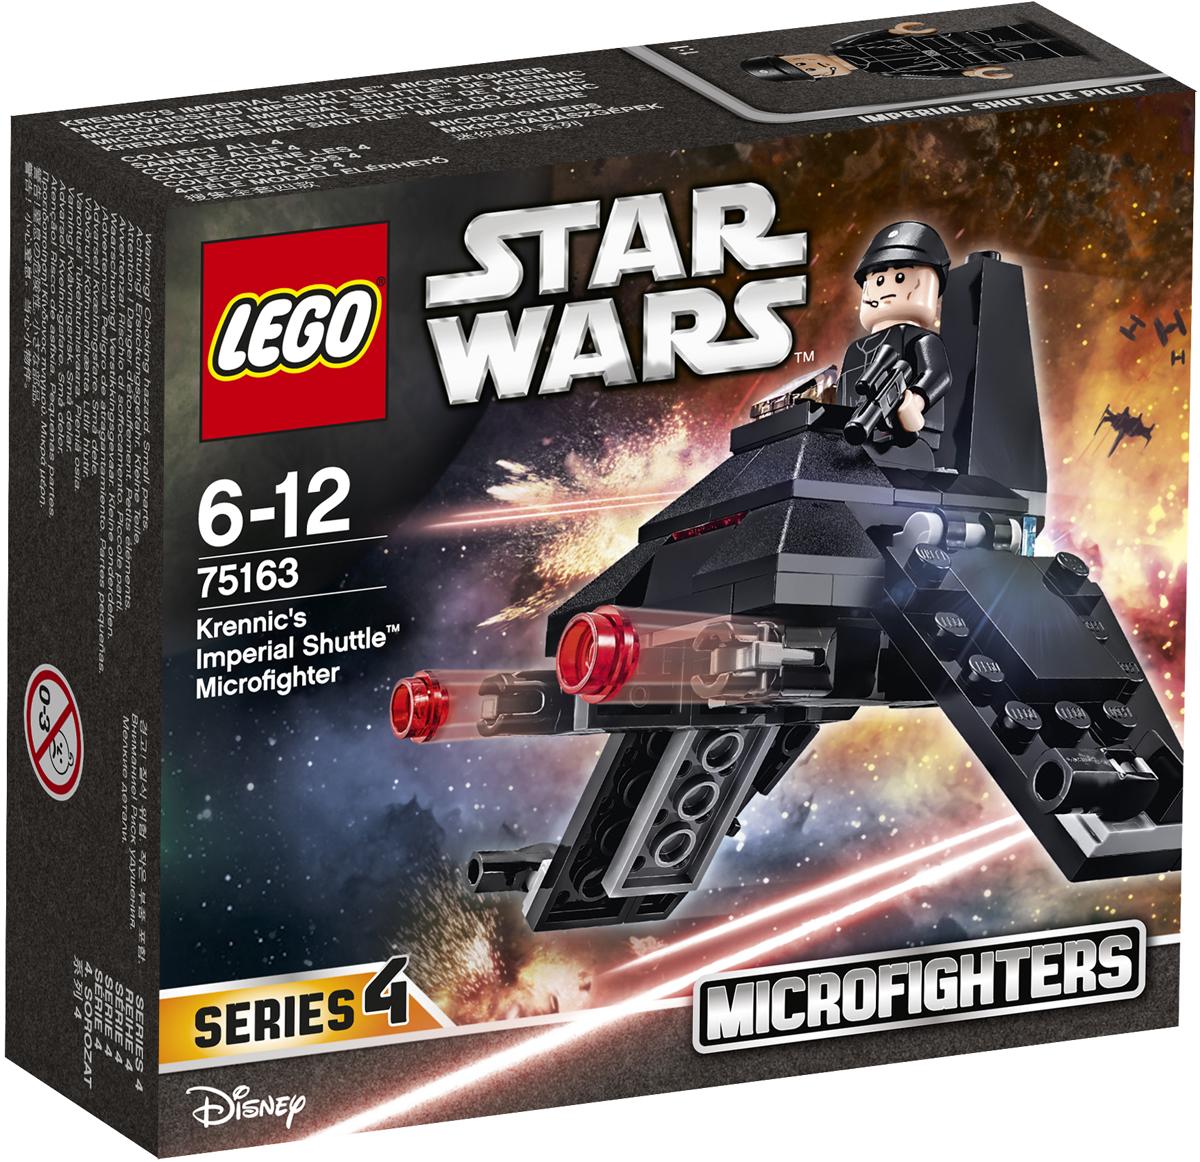 LEGO Star Wars Конструктор Микроистребитель Имперский шаттл Кренника 75163 lego lego звездные войны микроистребитель имперский шаттл кренника